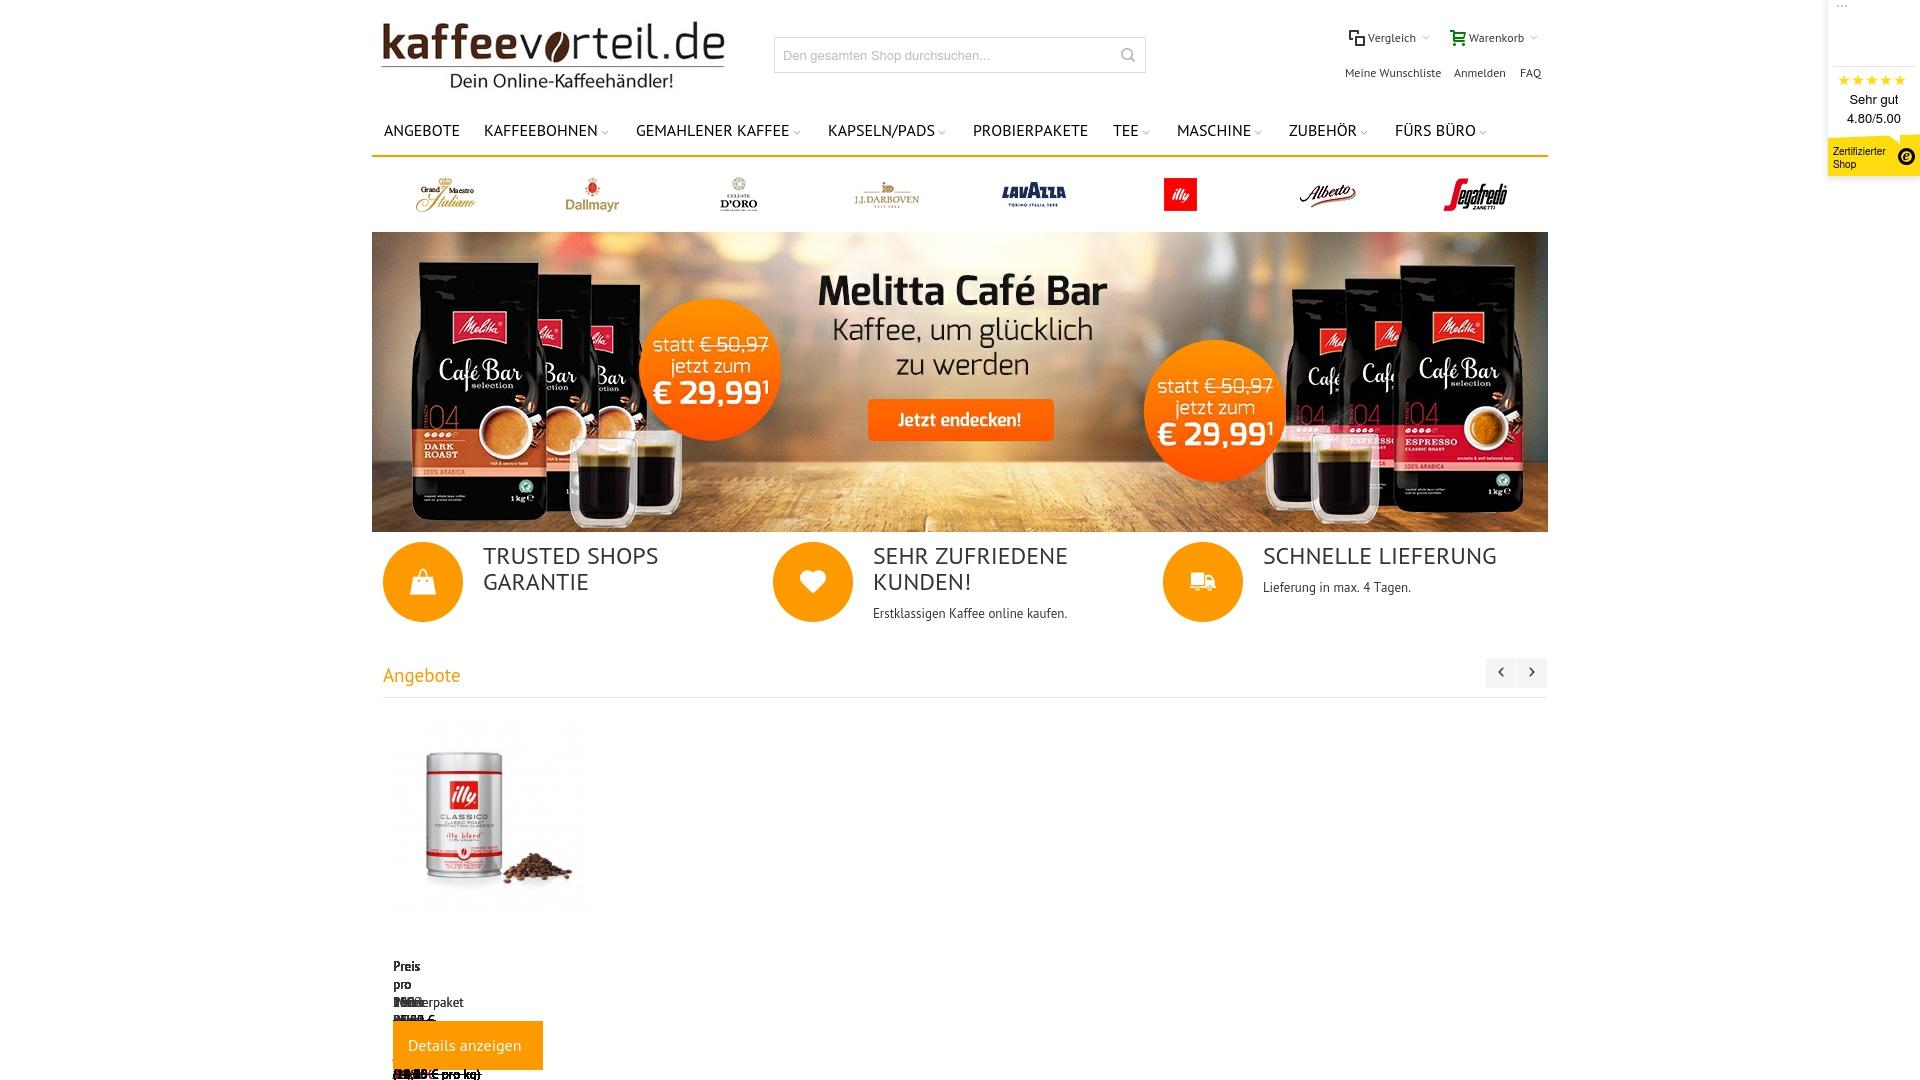 Geld zurück bei Kaffeevorteil: Jetzt im Oktober 2021 Cashback für Kaffeevorteil sichern